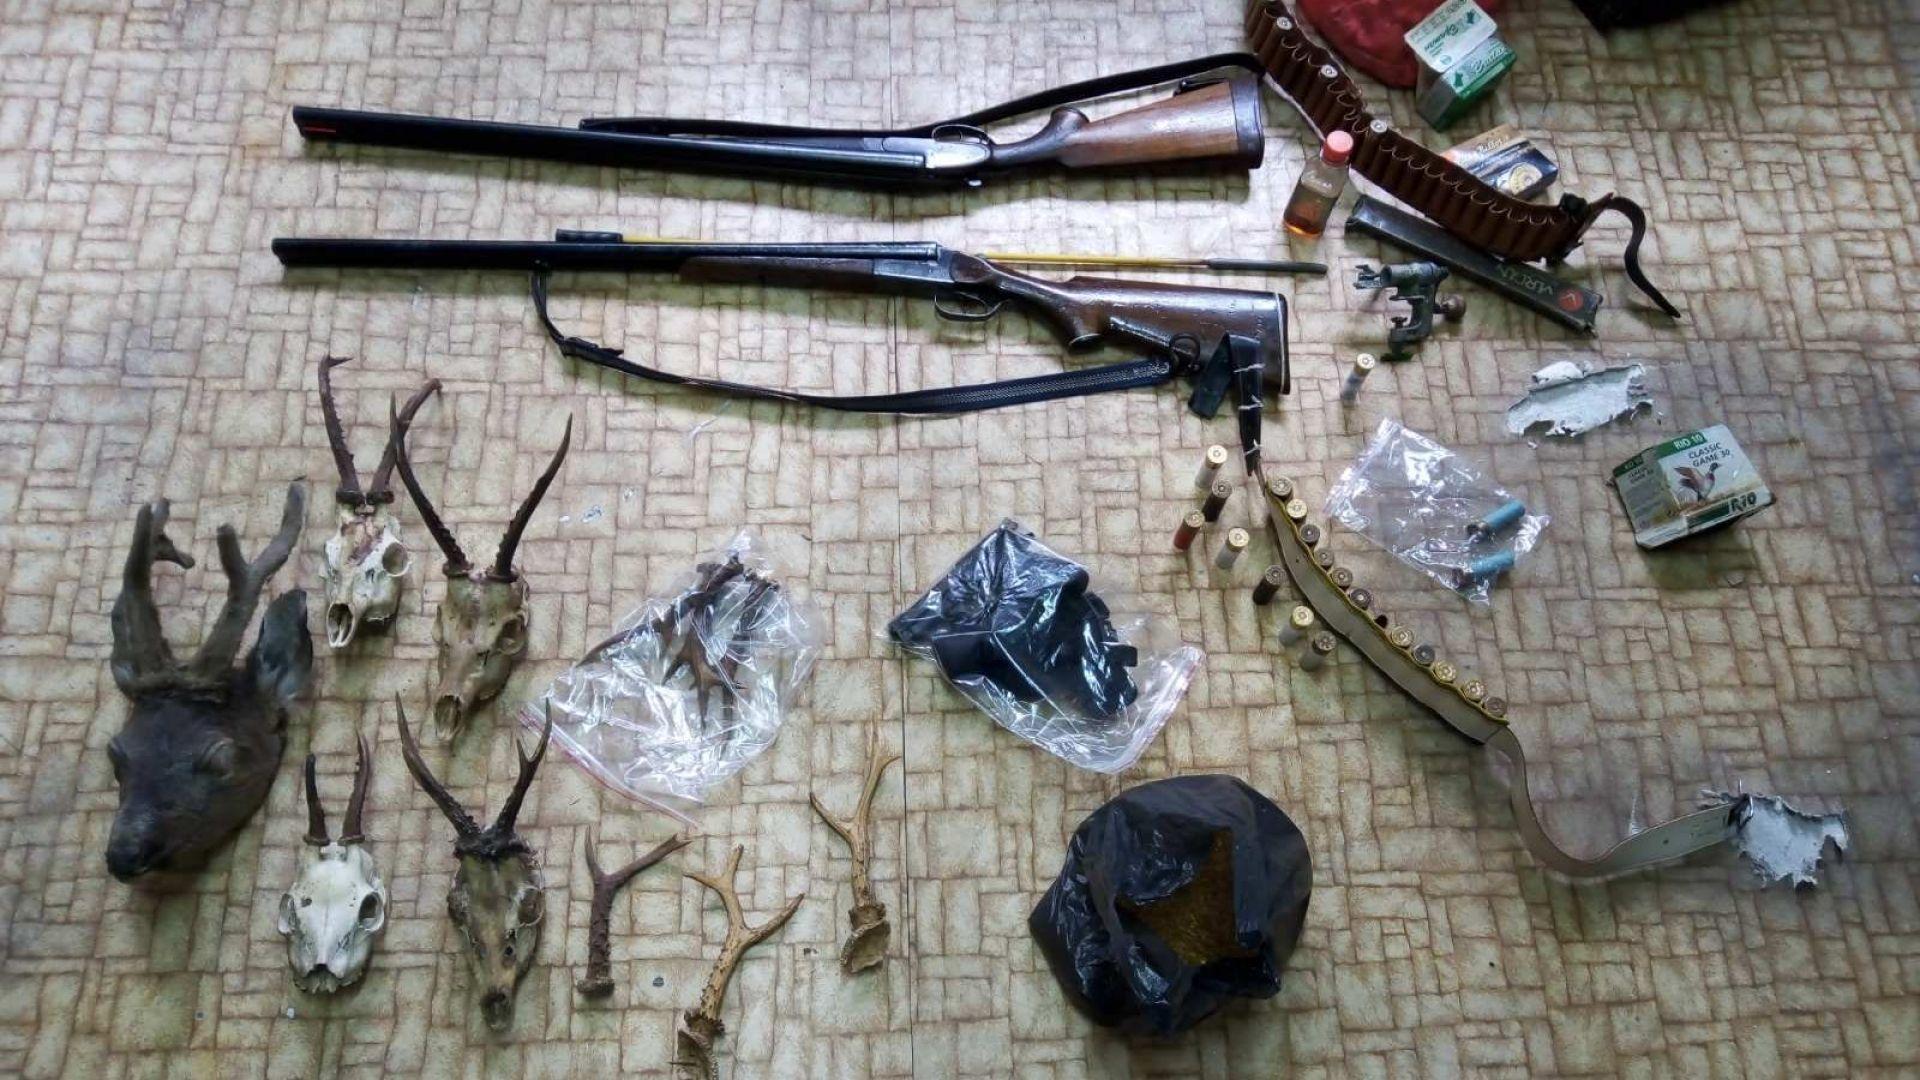 Откриха незаконно оръжие и малка сърничка във велинградско село (снимки)